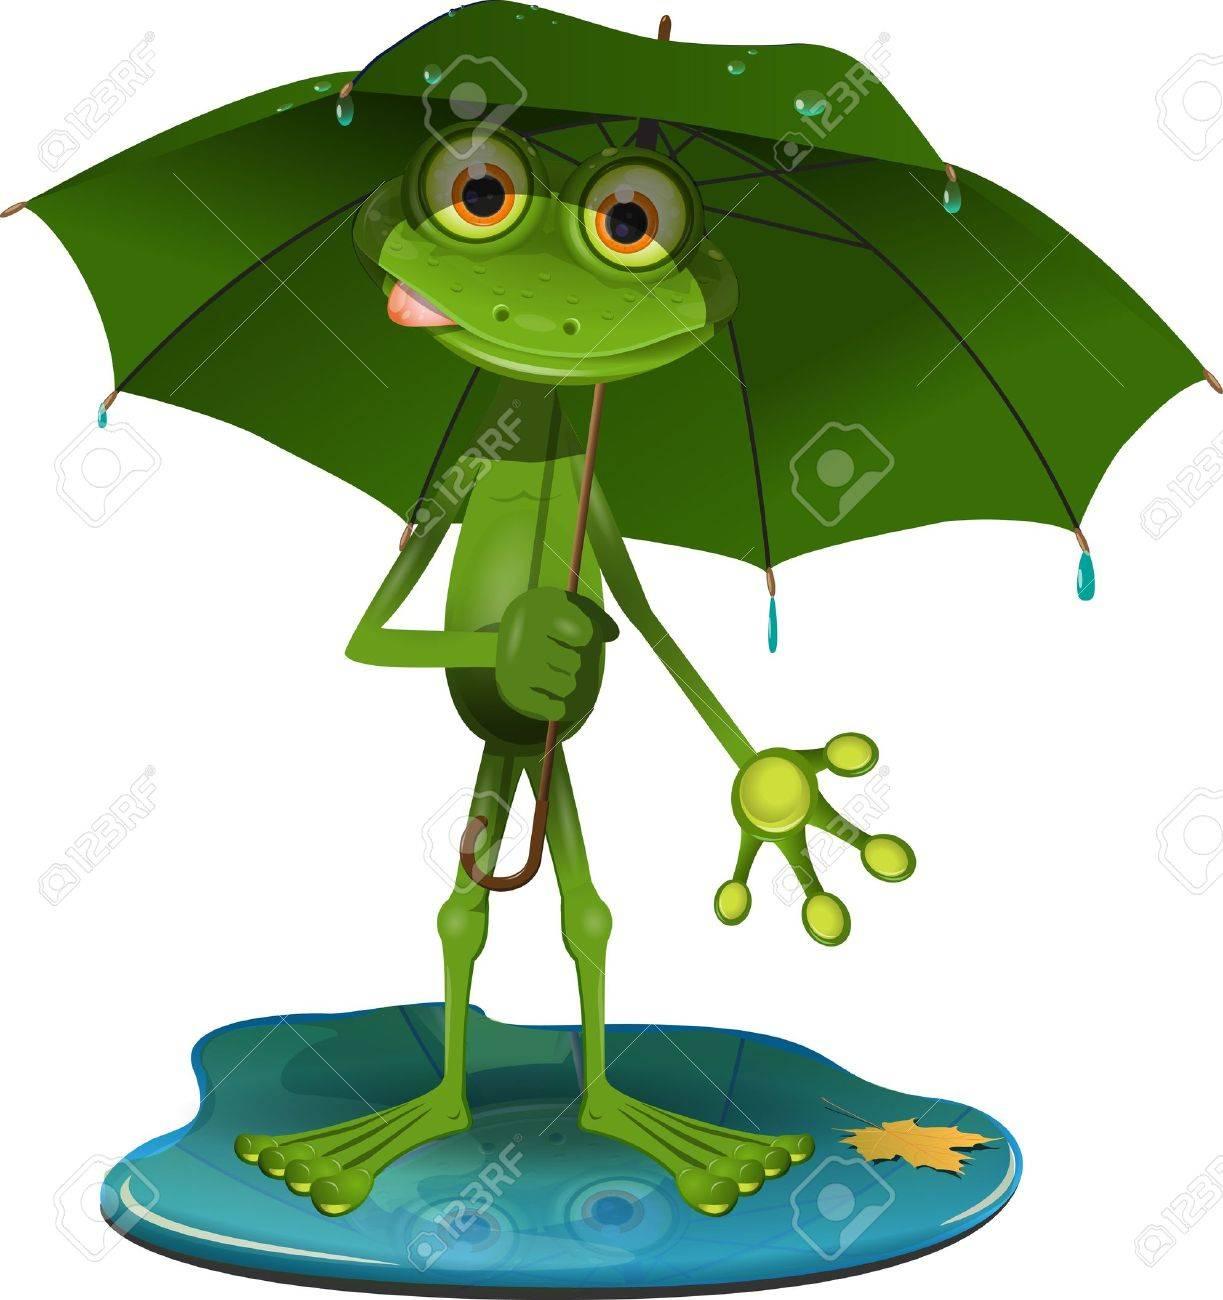 Article n°2 : Moyen de transport dans La quotidienne - 17444276-grenouille-illustration-vert-avec-un-parapluie-vert-Banque-d'images